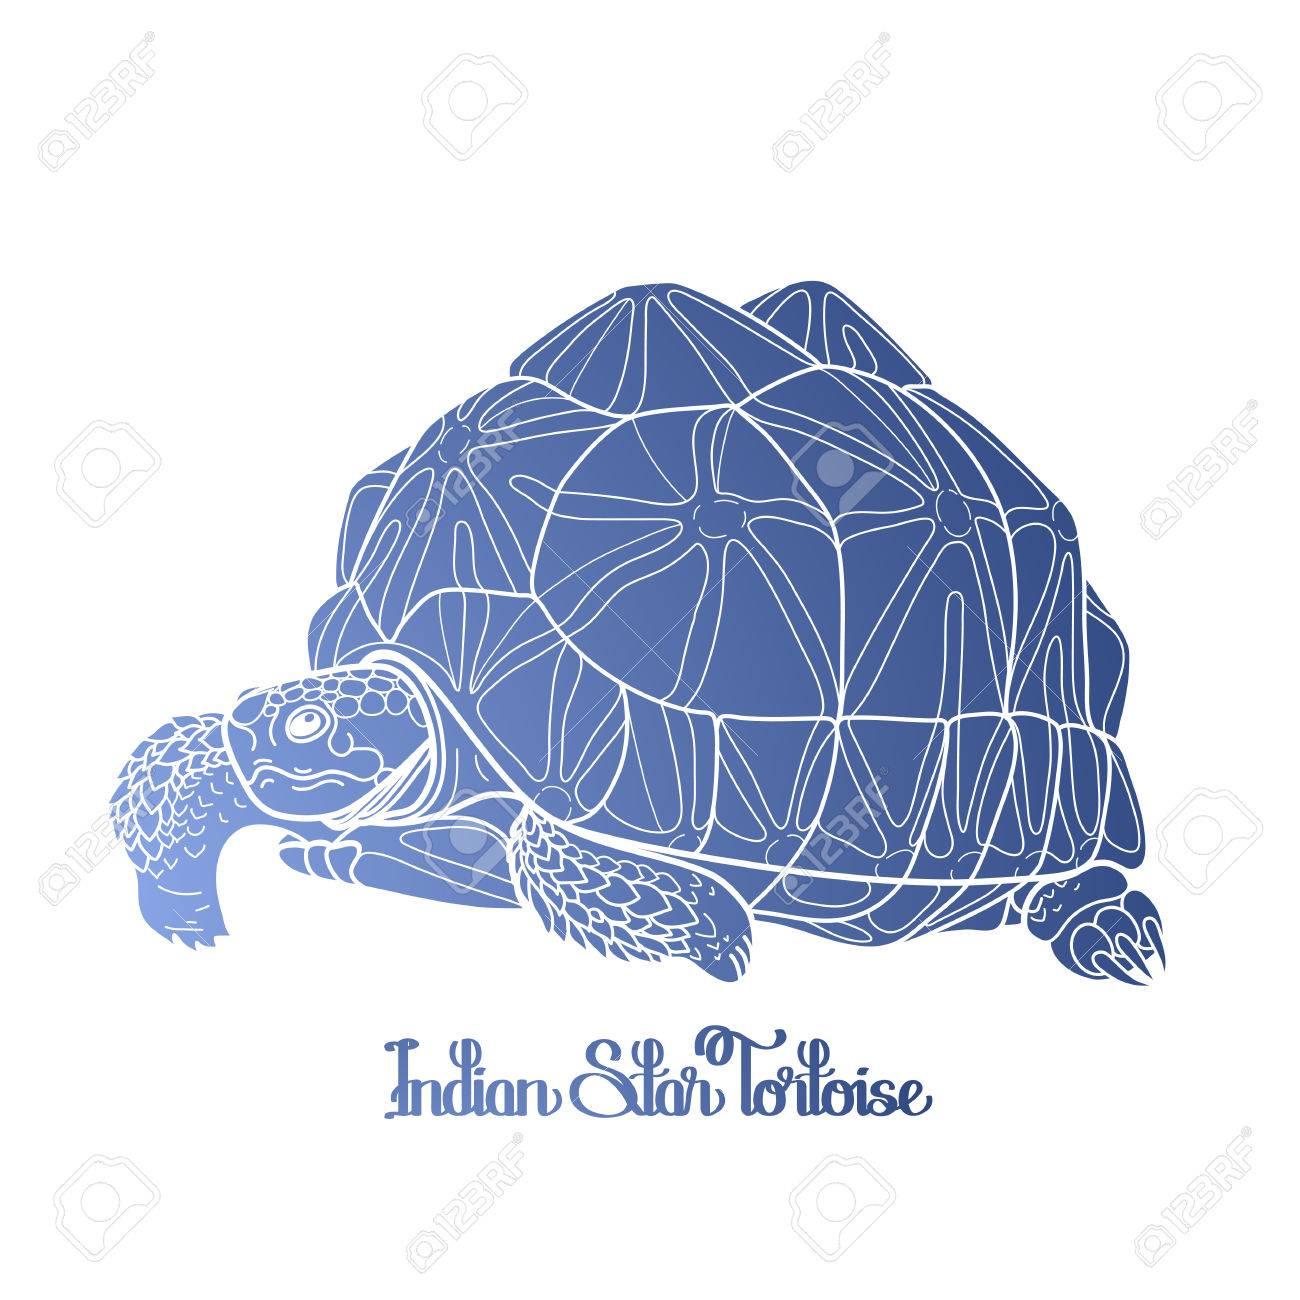 Gráfico Tortuga Estrella India Dibujado En Estilo Art Línea Aislada ...